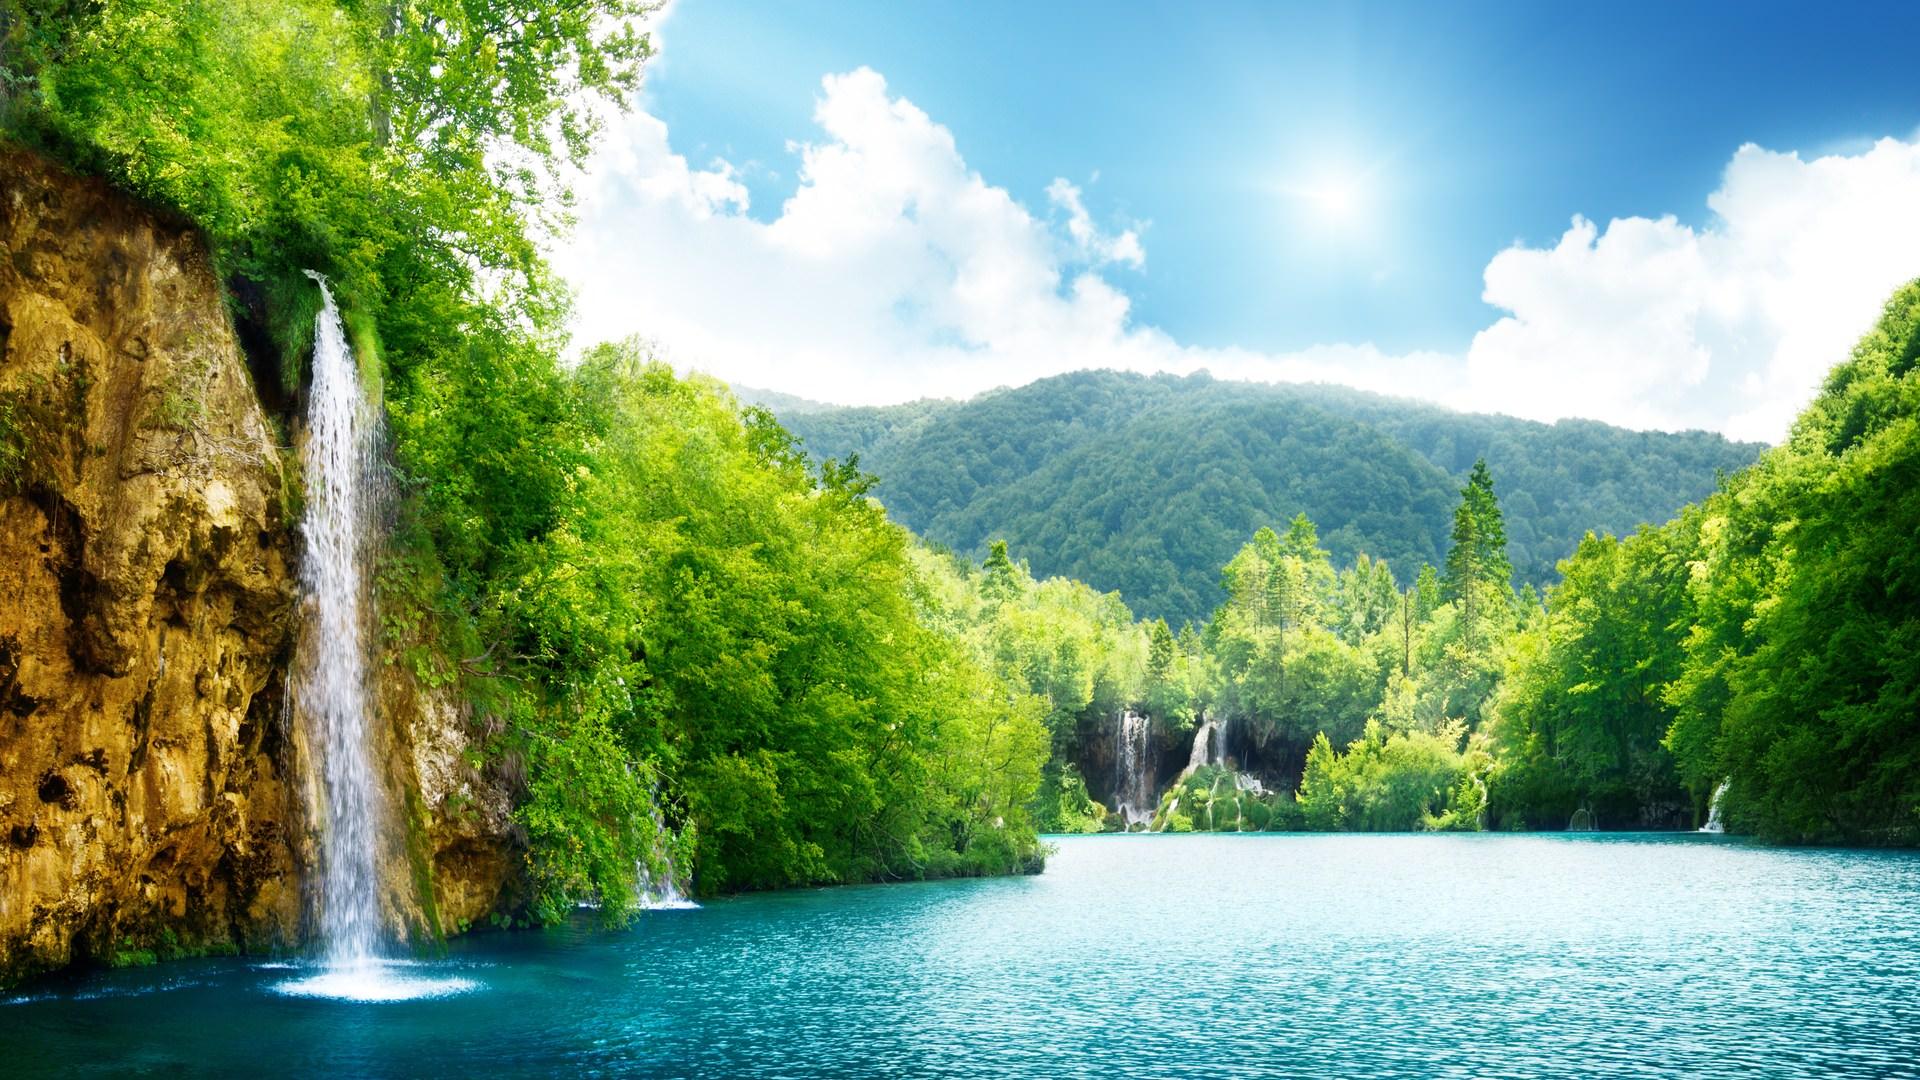 En güzel manzara resimleri - 4. resim